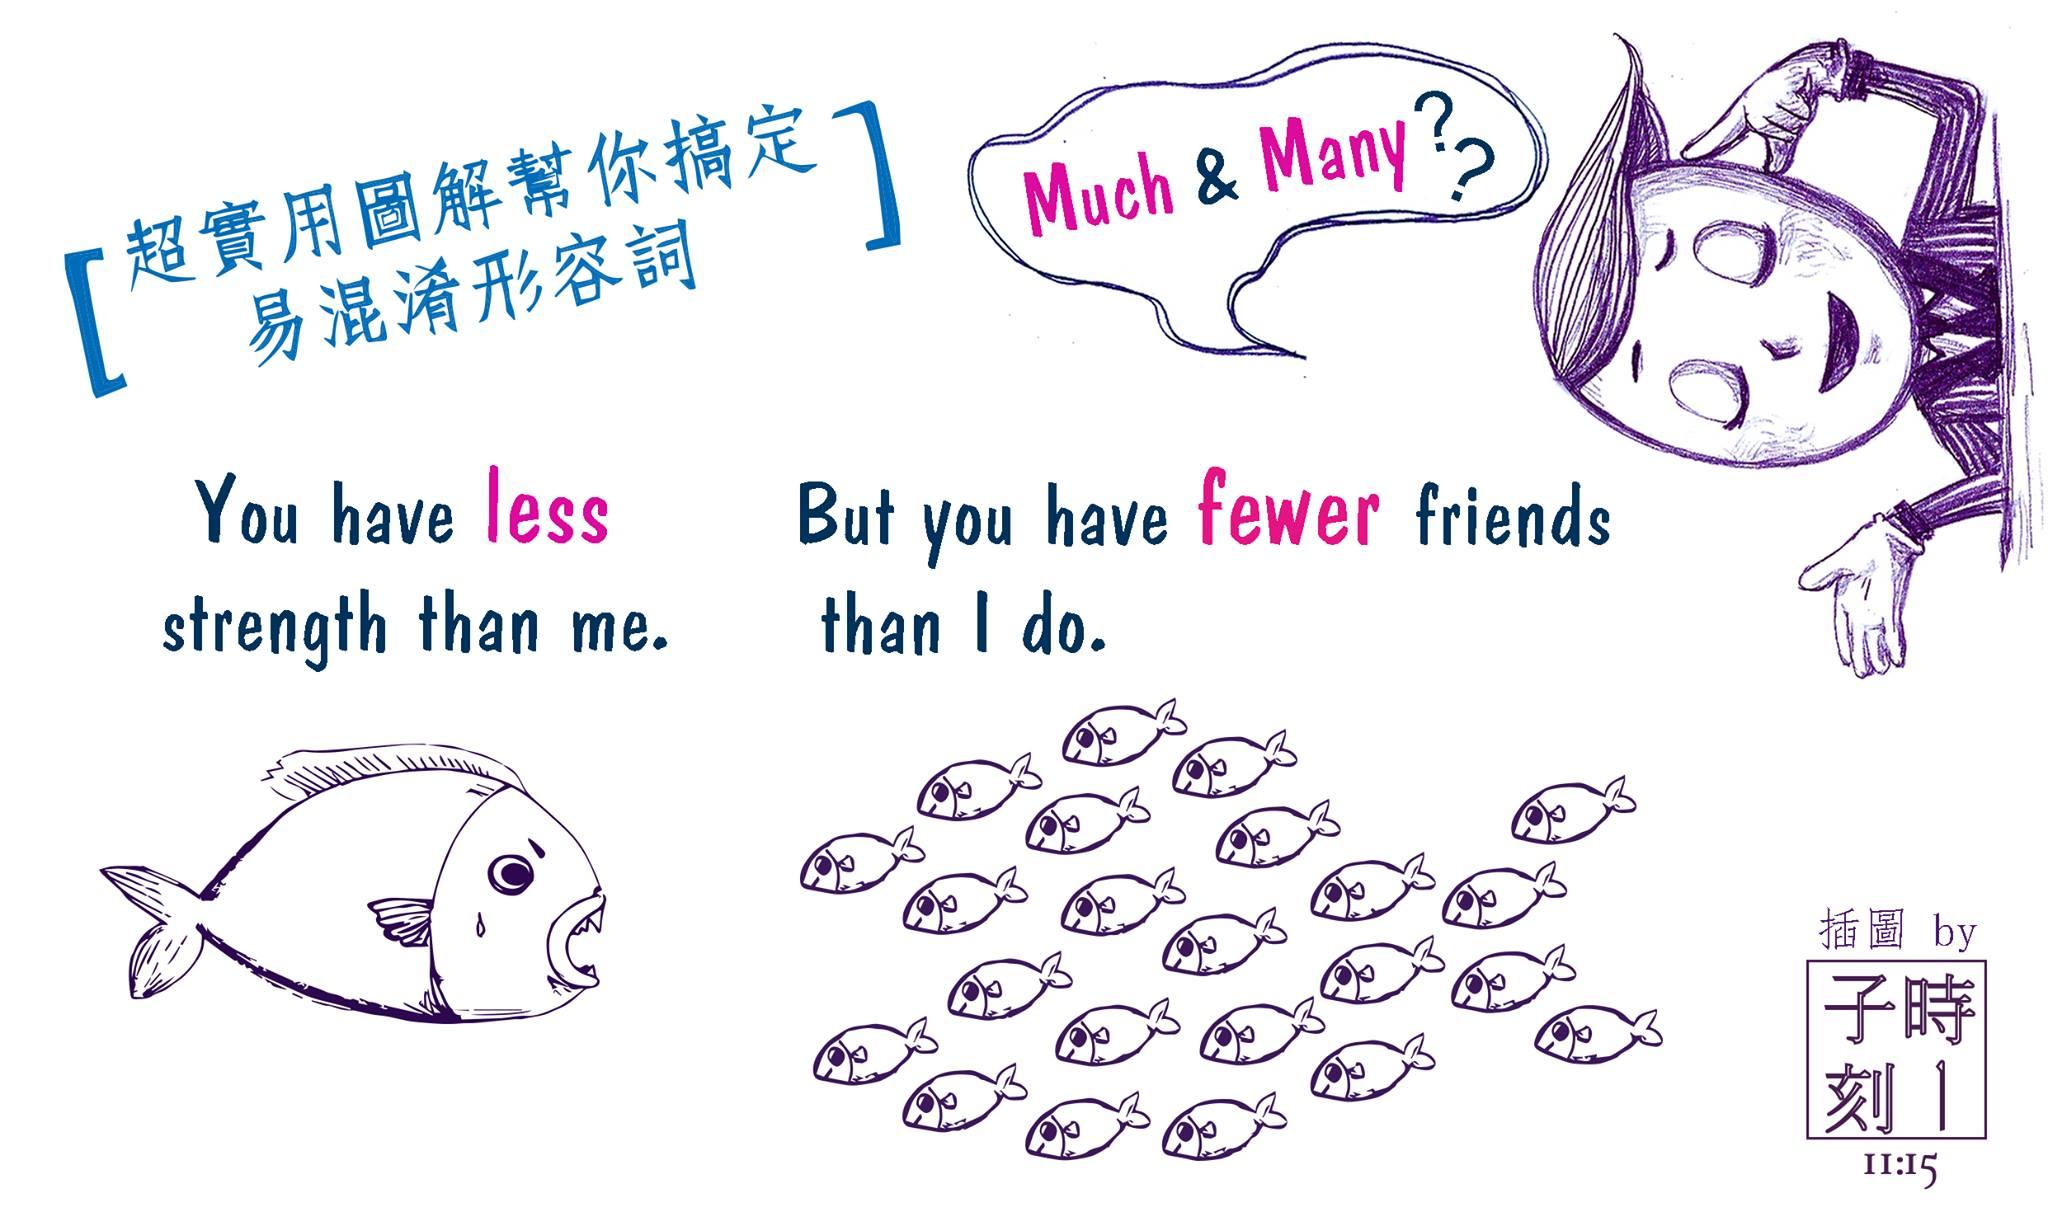 超實用圖解幫你搞定易混淆形容詞:Much/Many/Less/Fewer篇 - VoiceTube 英文學習部落格:教你學英文的好方法